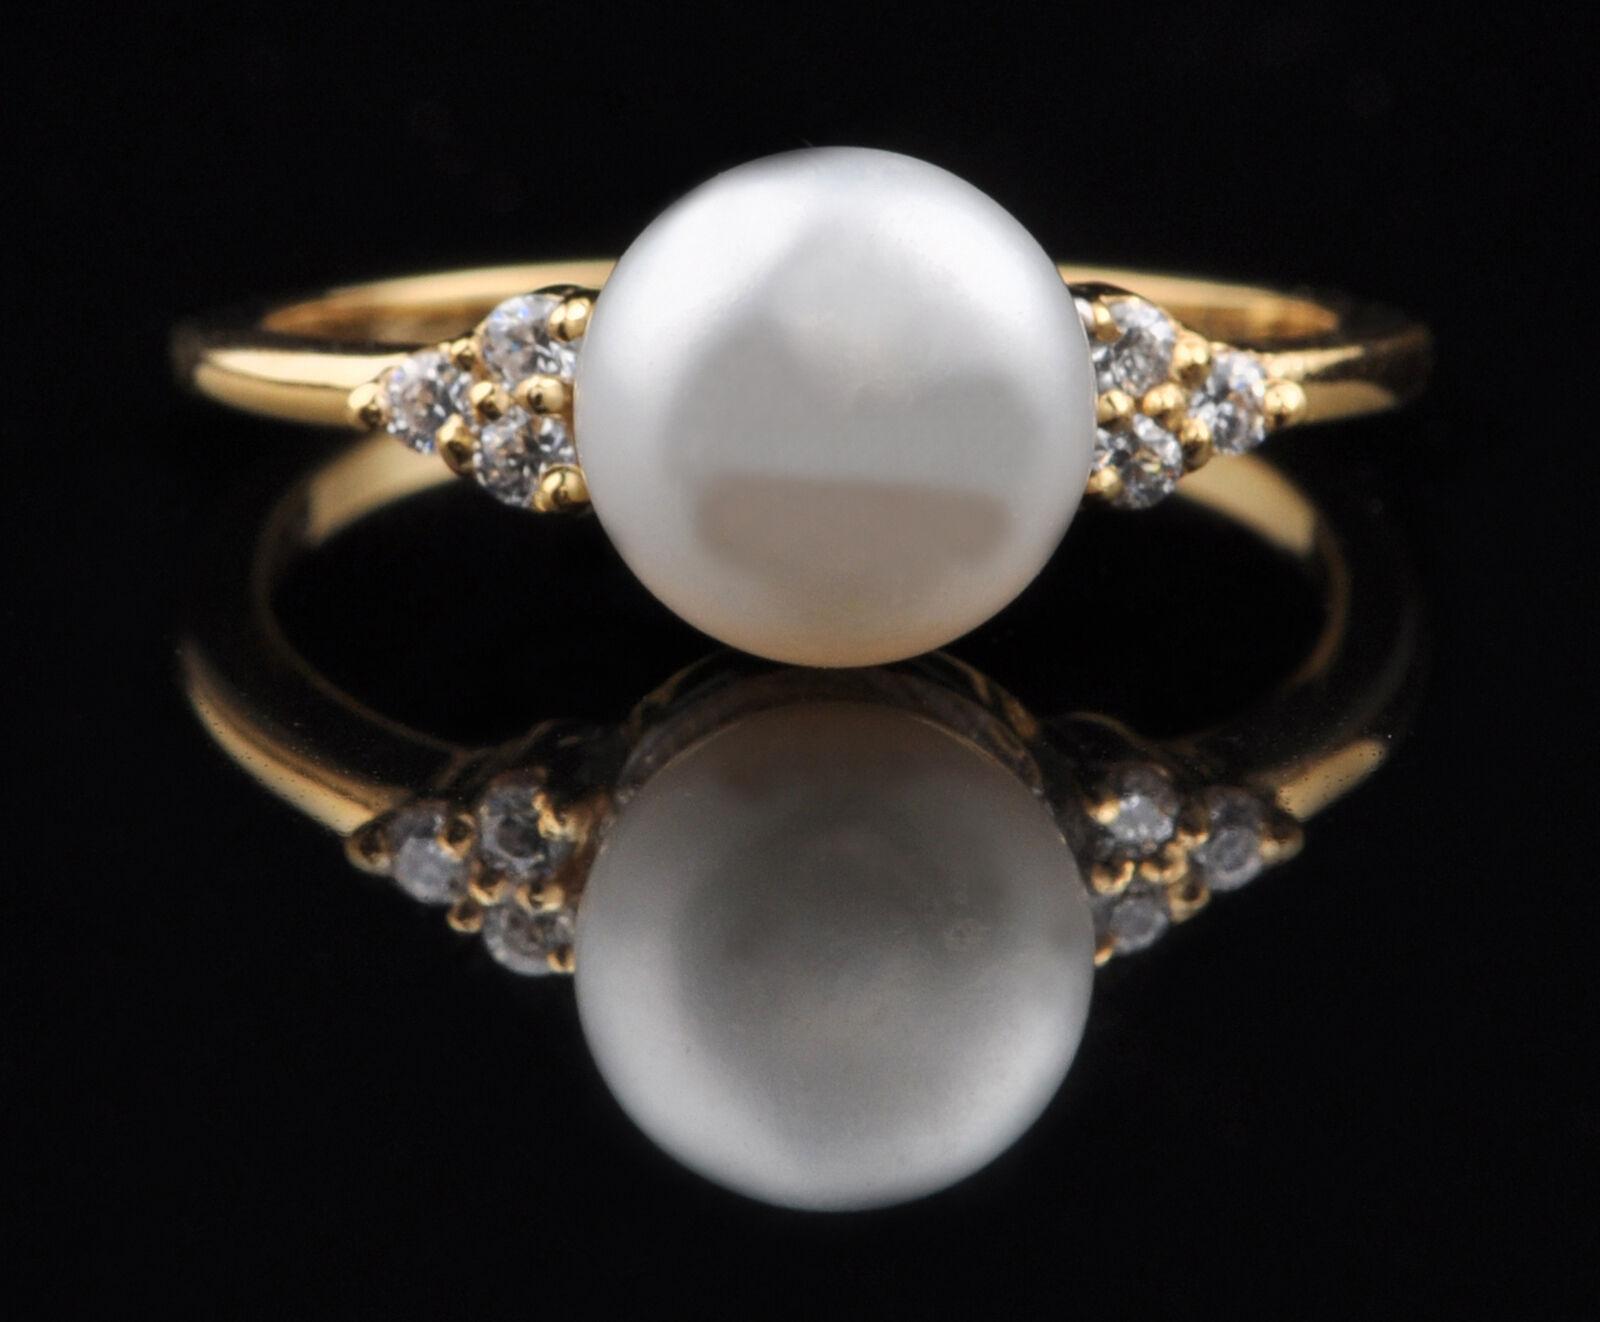 Hochzeitsschmuck Echtschmuck Trauringe Eheringe Aus 585 Gold Bicolor Mit Diamant & Gratis Gravur A19013529